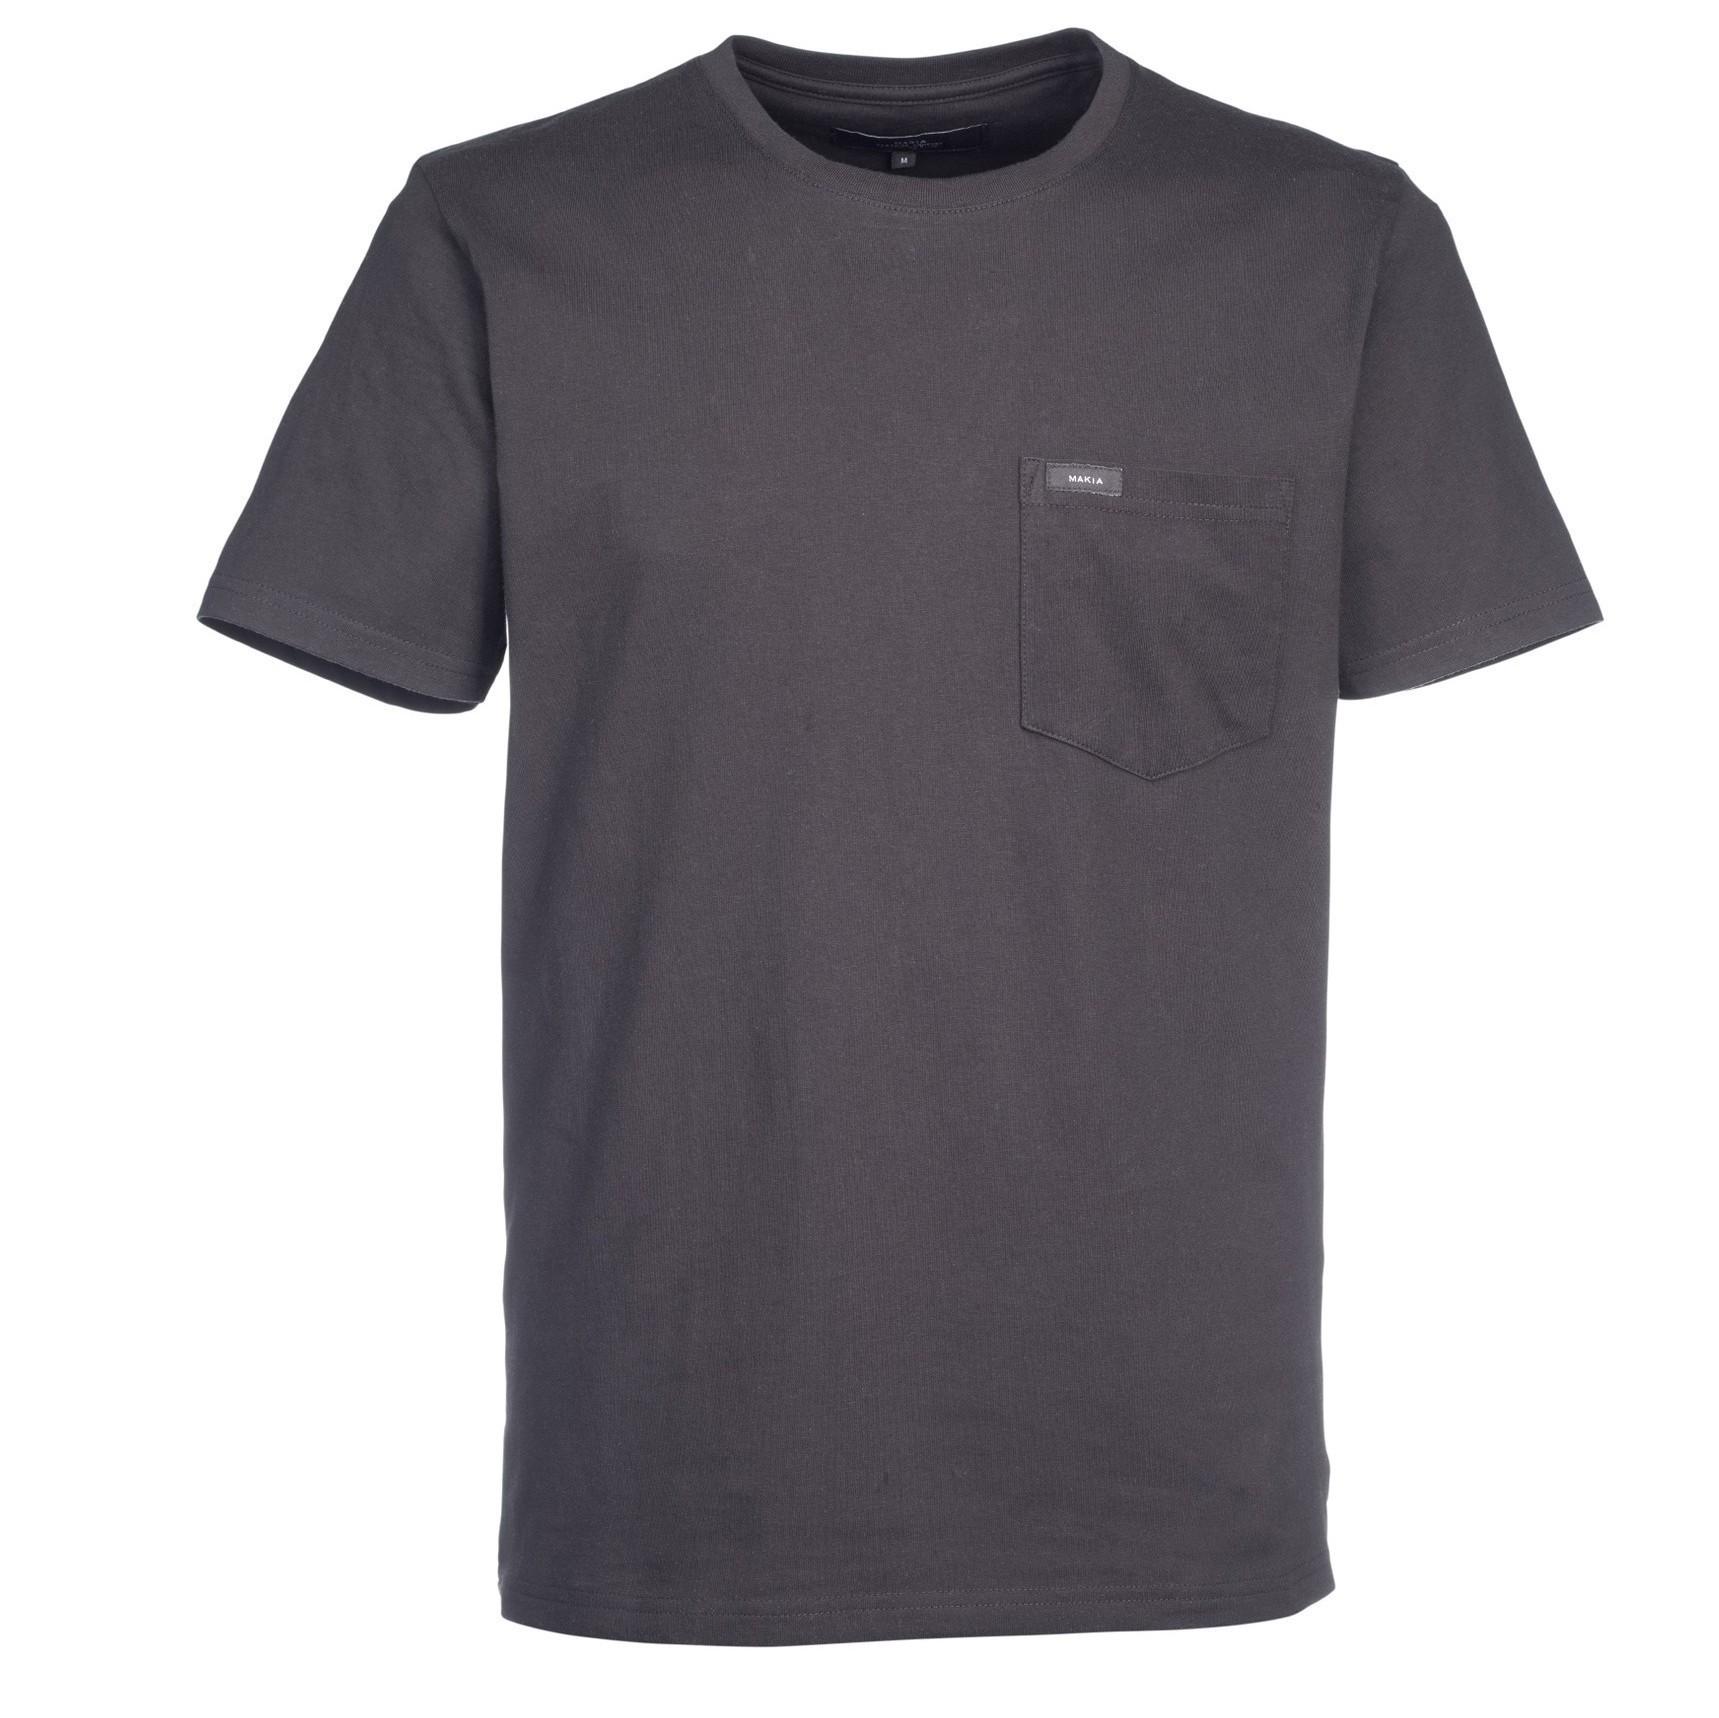 Černé tričko Pocket - M